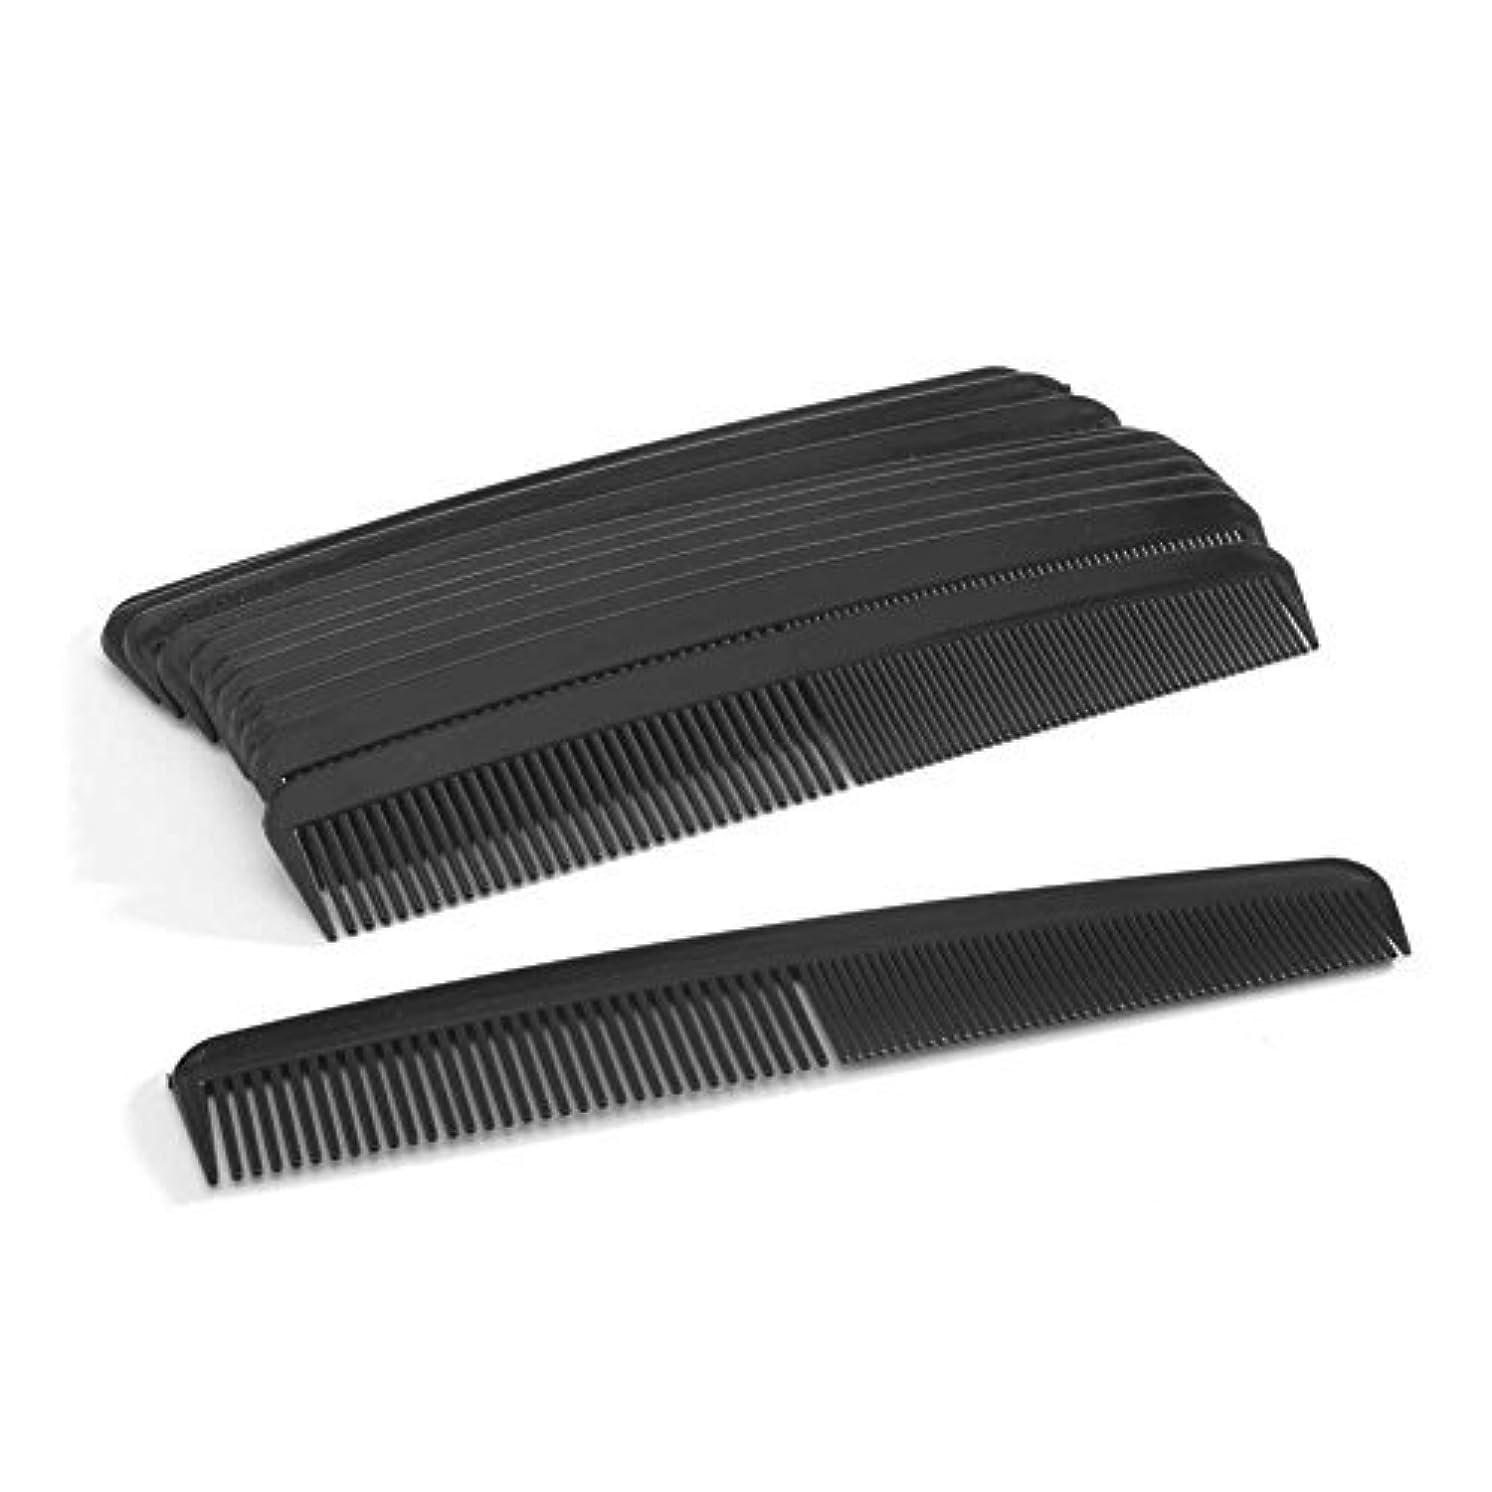 ゴシップ切手以内にPerfect Stix 6.5'' Black Comb-8ct [並行輸入品]